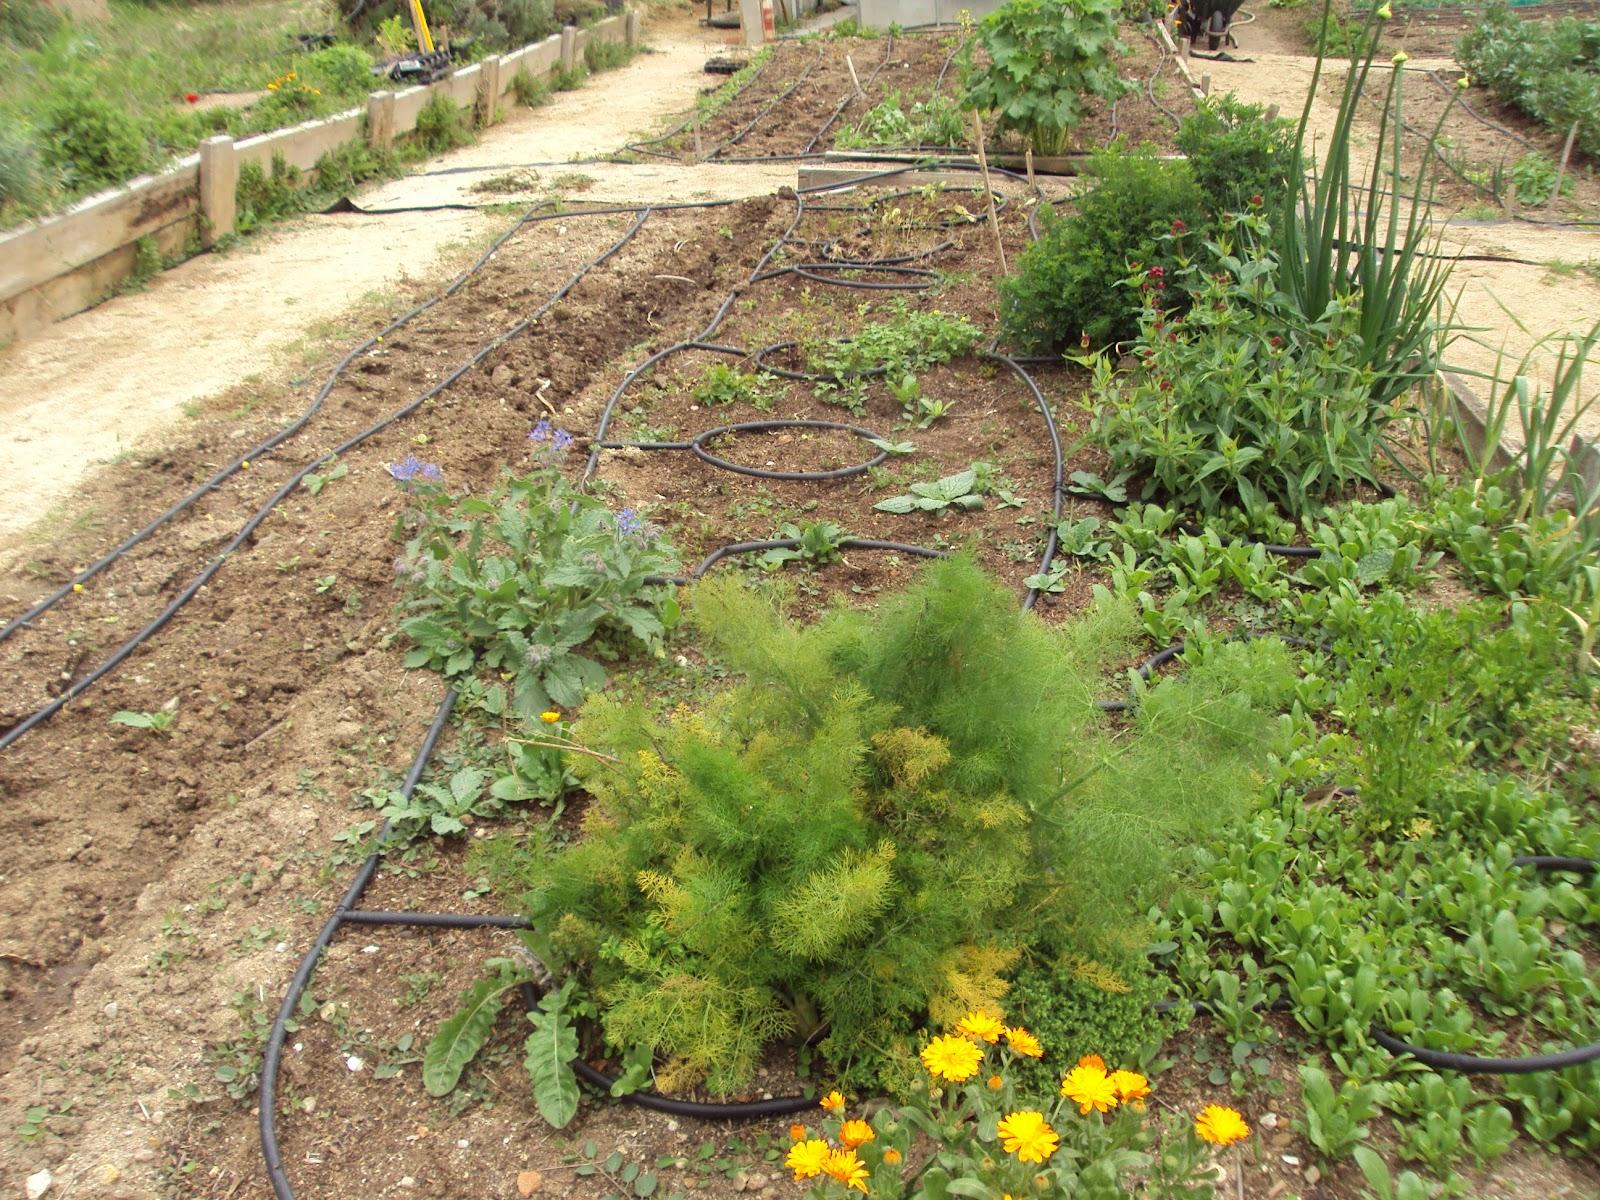 En torno al huerto plantas arom ticas culinarias y - Huerto de plantas aromaticas ...